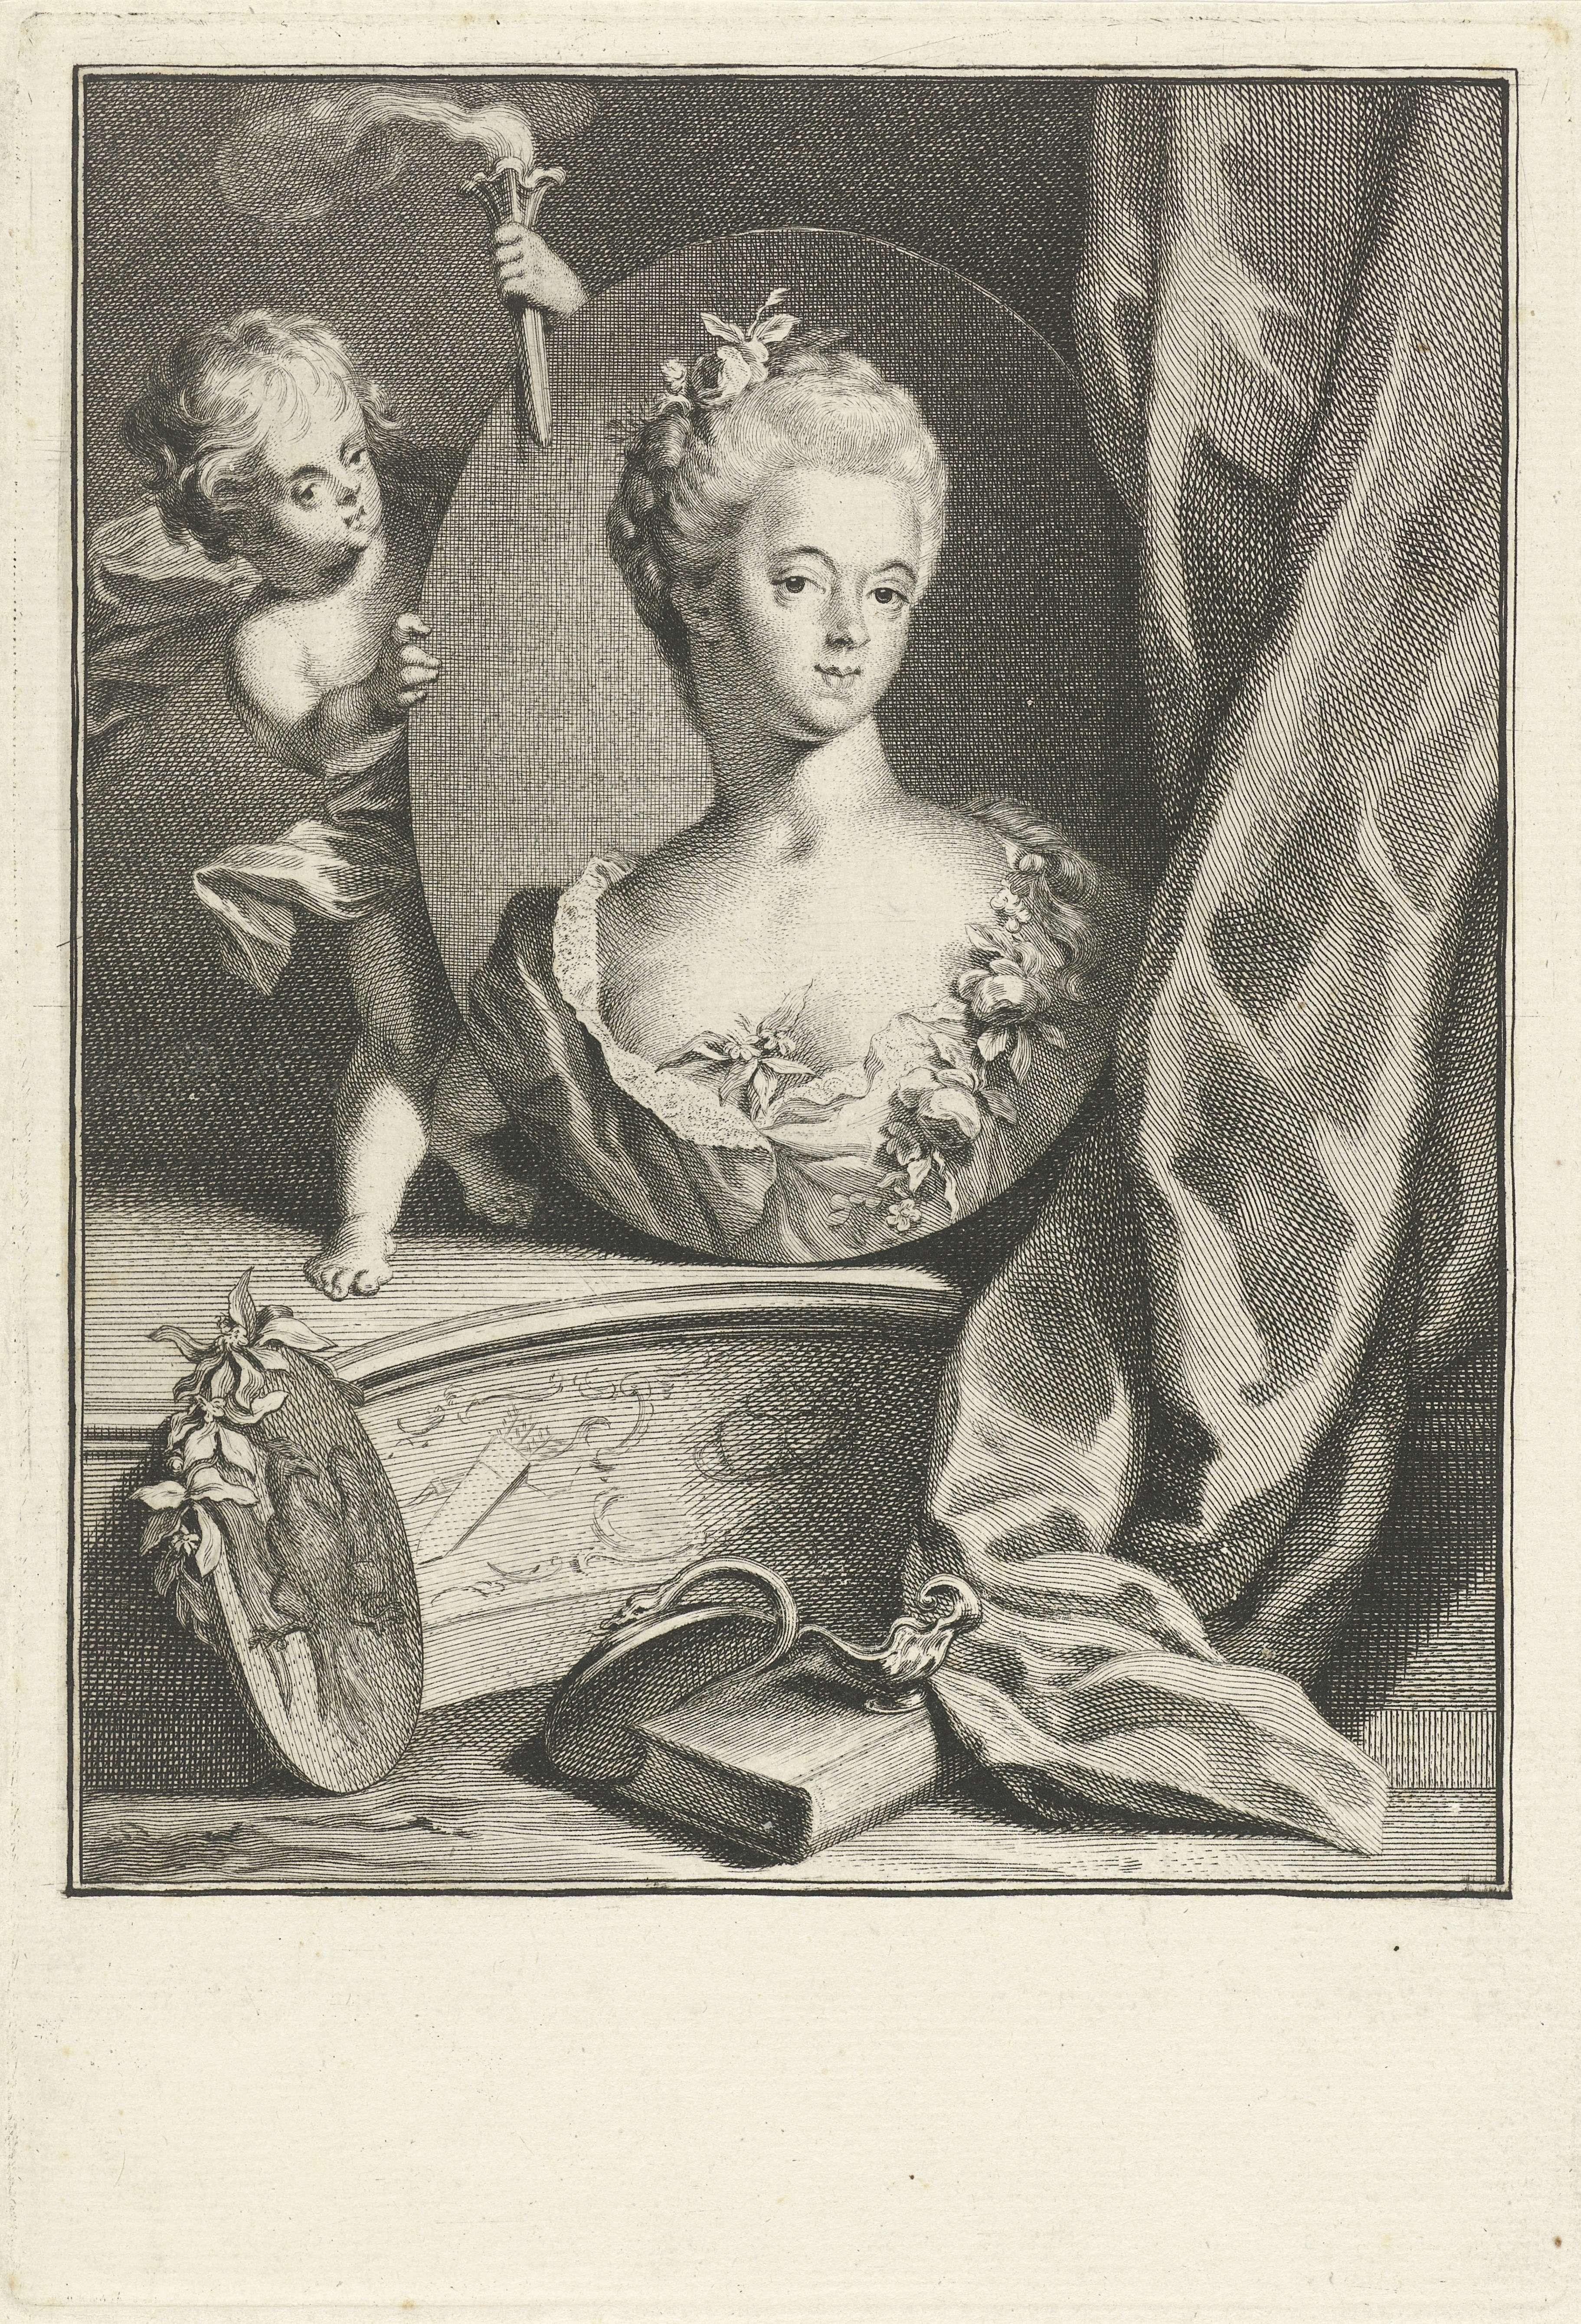 Jacob Houbraken | Portret van Wilhelmina van Pruisen, Jacob Houbraken, Jacobus Buys, Daniel Nikolaus Chodowiecki, 1767 - 1769 | Portret van Wilhelmina van Pruisen in een ovaal medaillon dat wordt vastgehouden door een putto met een fakkel.